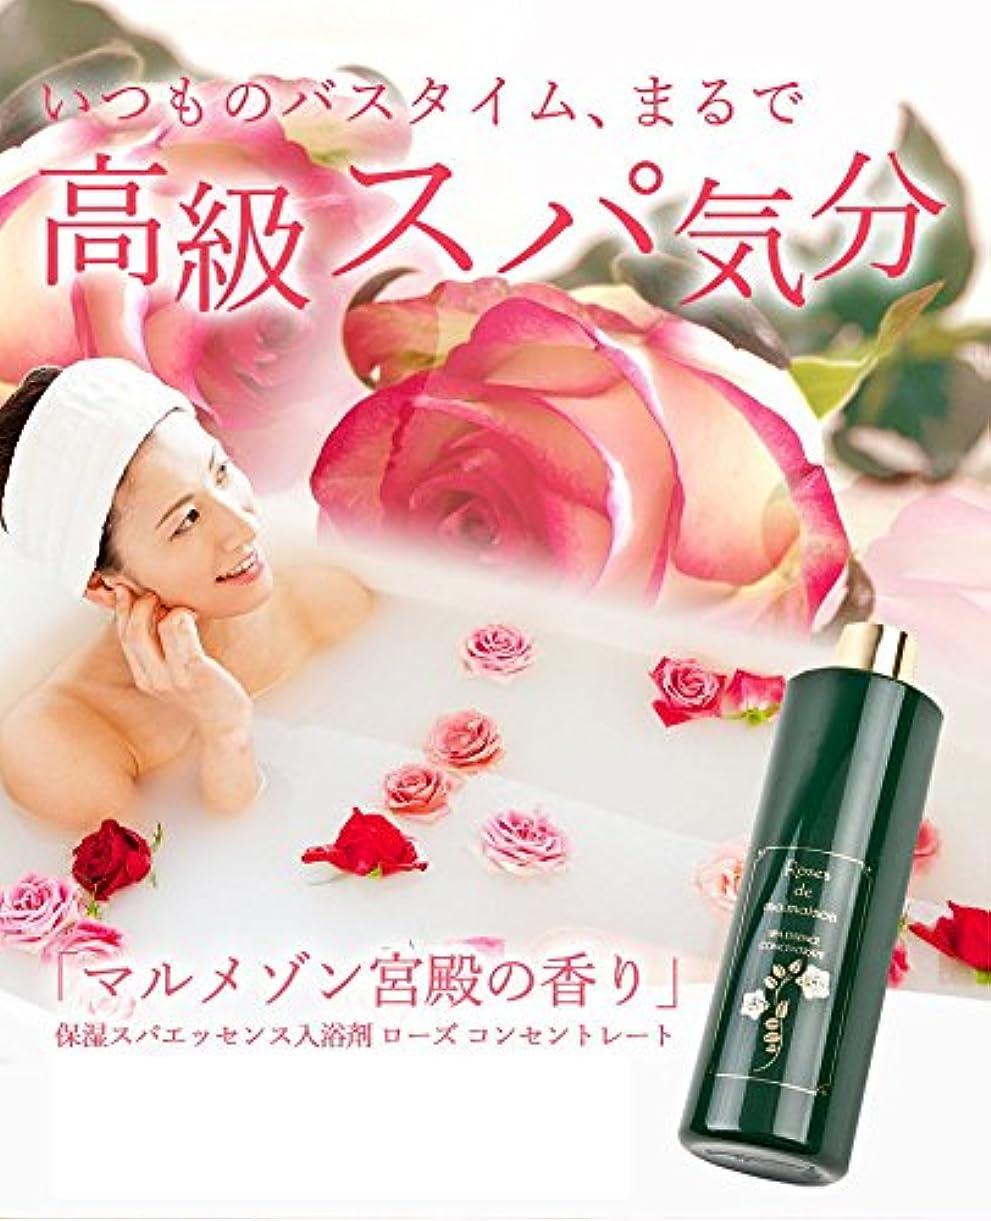 滝家禽値ローズドマルメゾン スパエッセンス コンセントレート バラの香りの入浴剤 天然ローズの香り 高級スパのような入浴剤